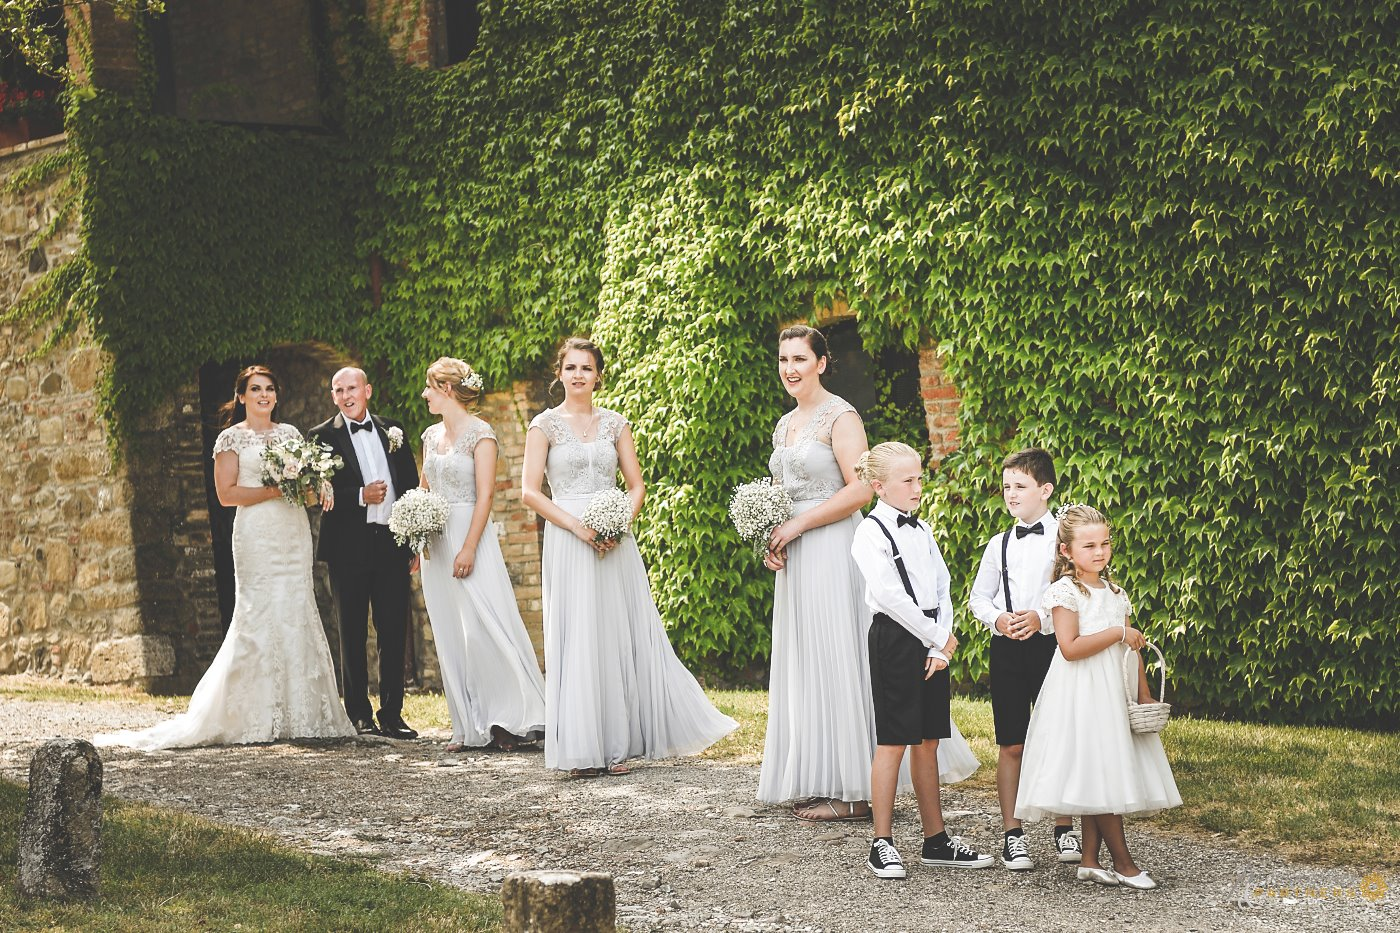 wedding_photos_borgo_castelvecchio_05.jpg